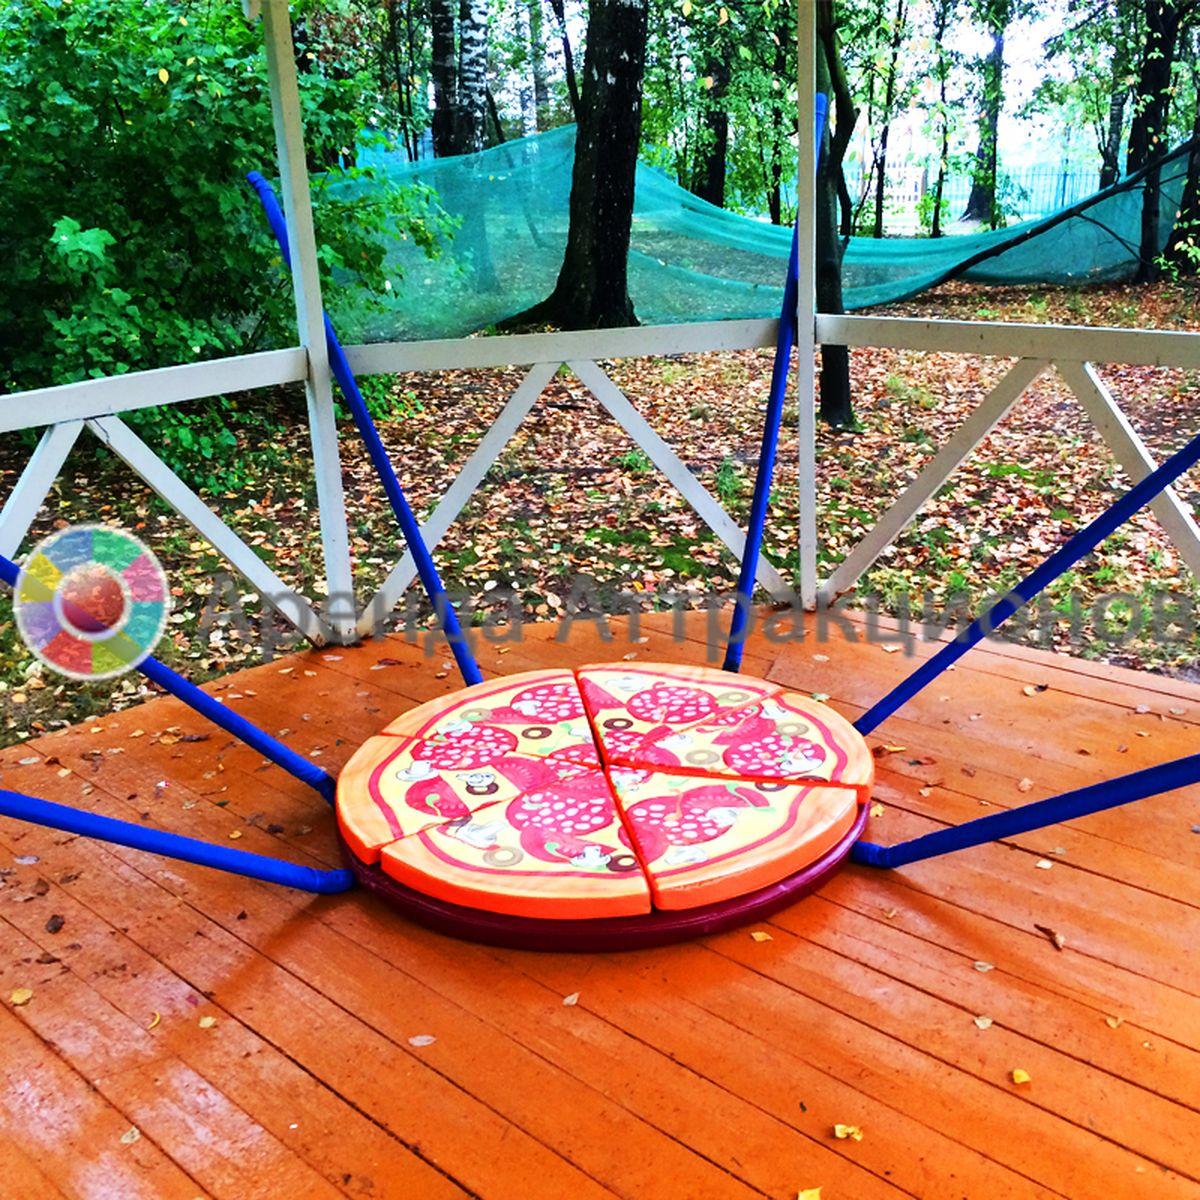 Мягкая пицца, которую нужно доставить.